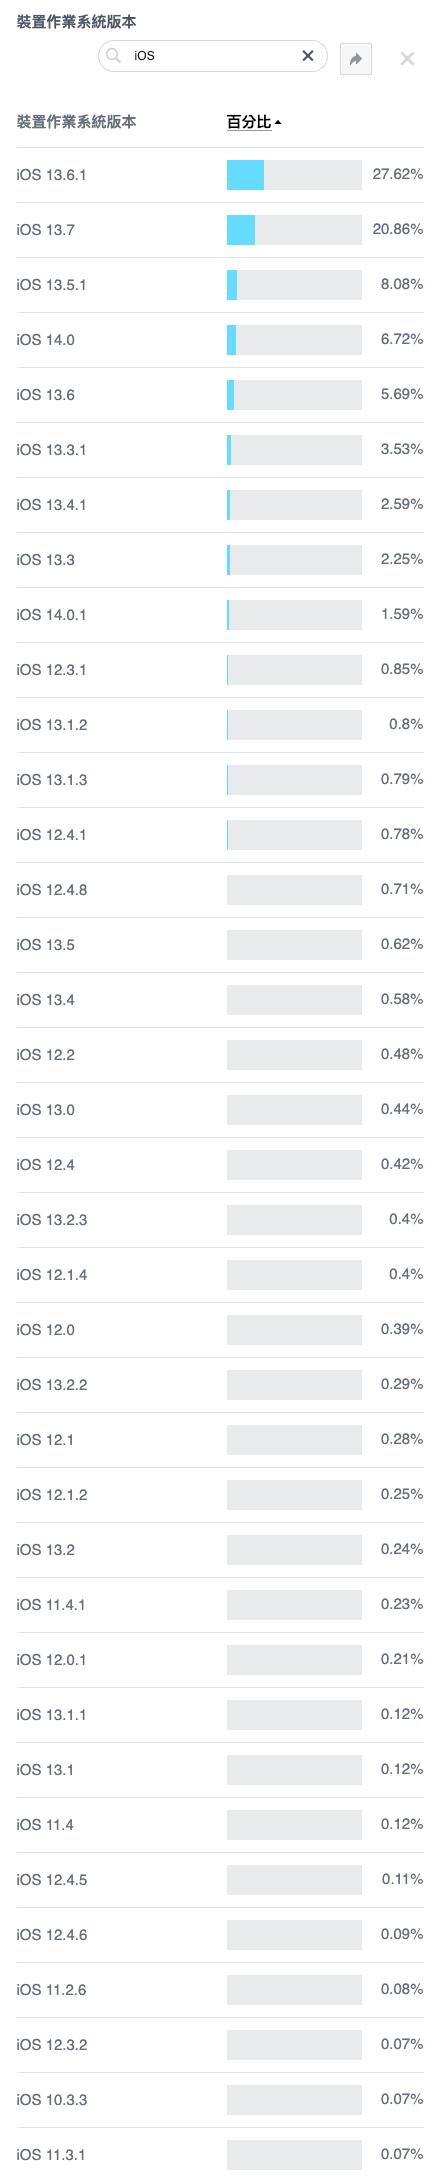 快樂印 Facebook 2020 iOS and iPadOS Usage